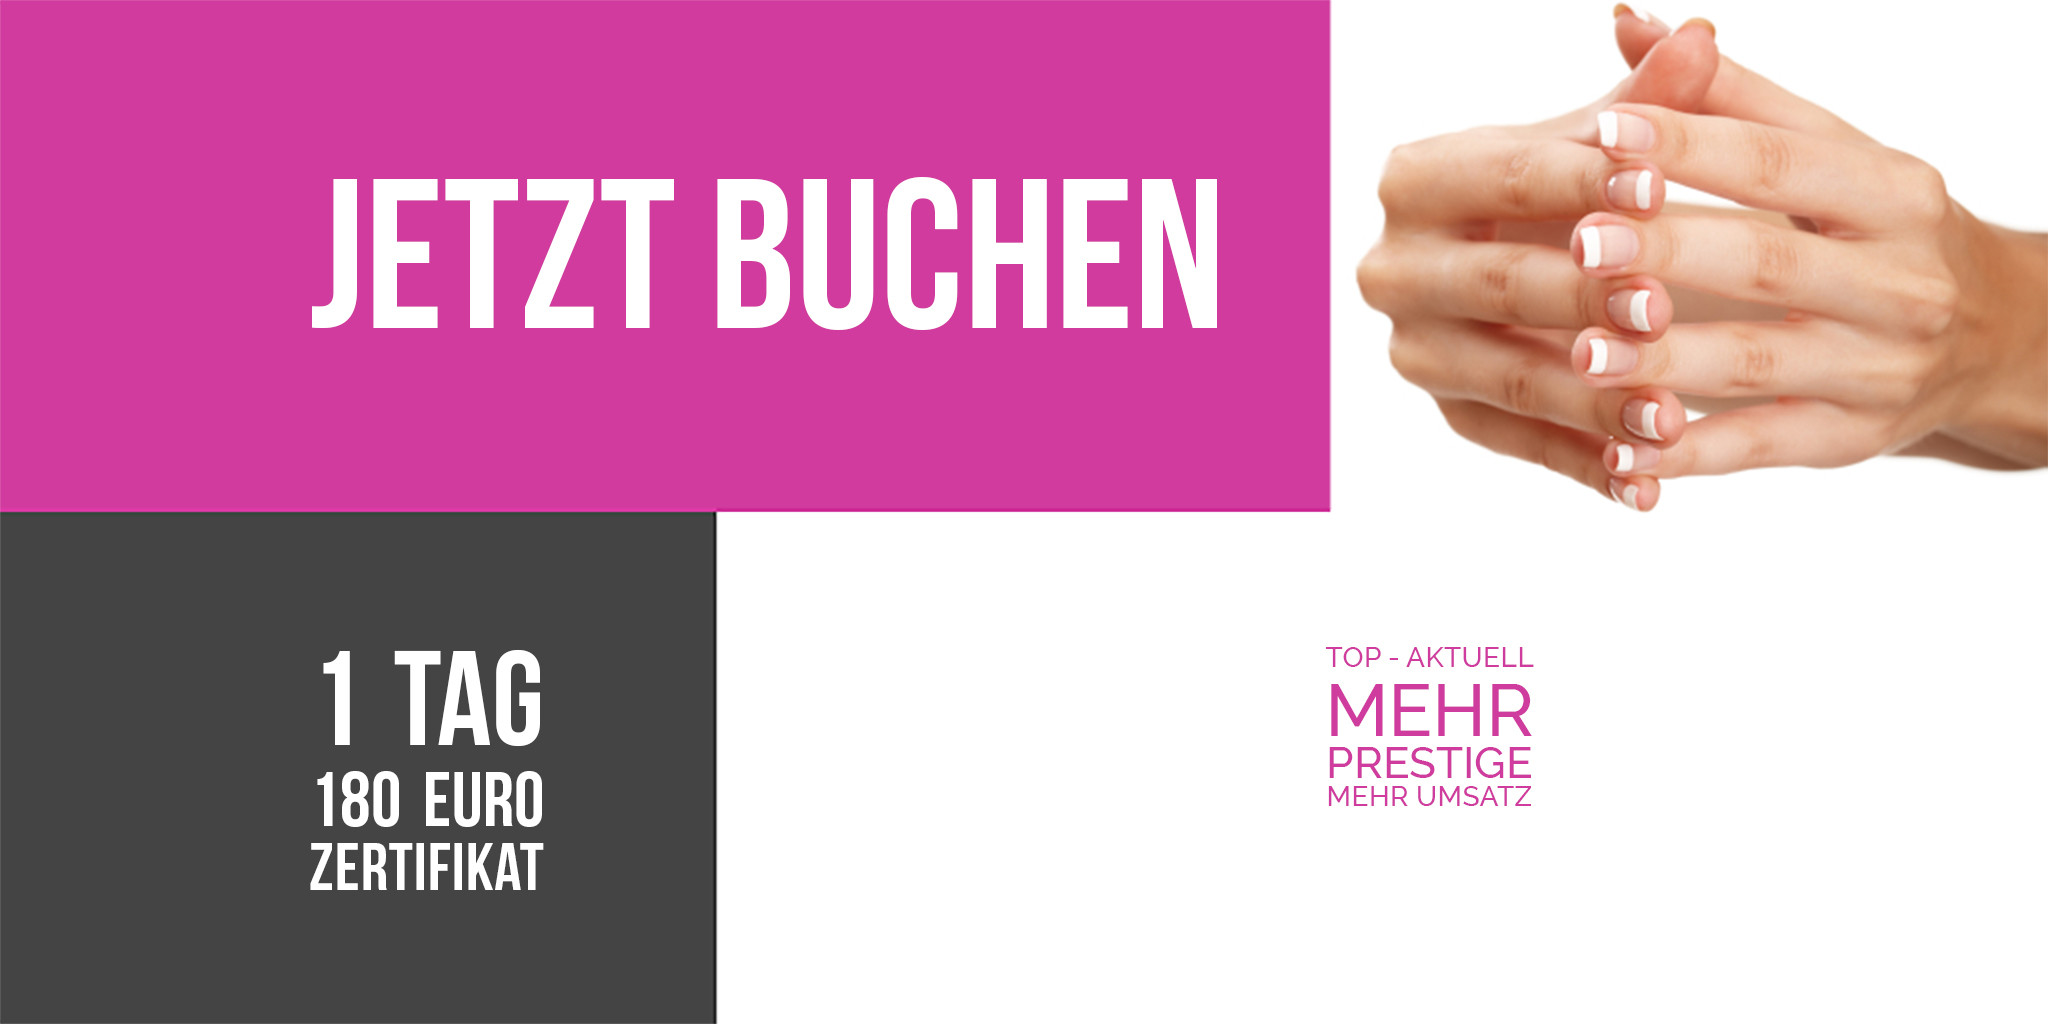 Ausbildung Maniküre  Maniküre Fräsertechnik Ausbildung Berlin REKS Kosmetik